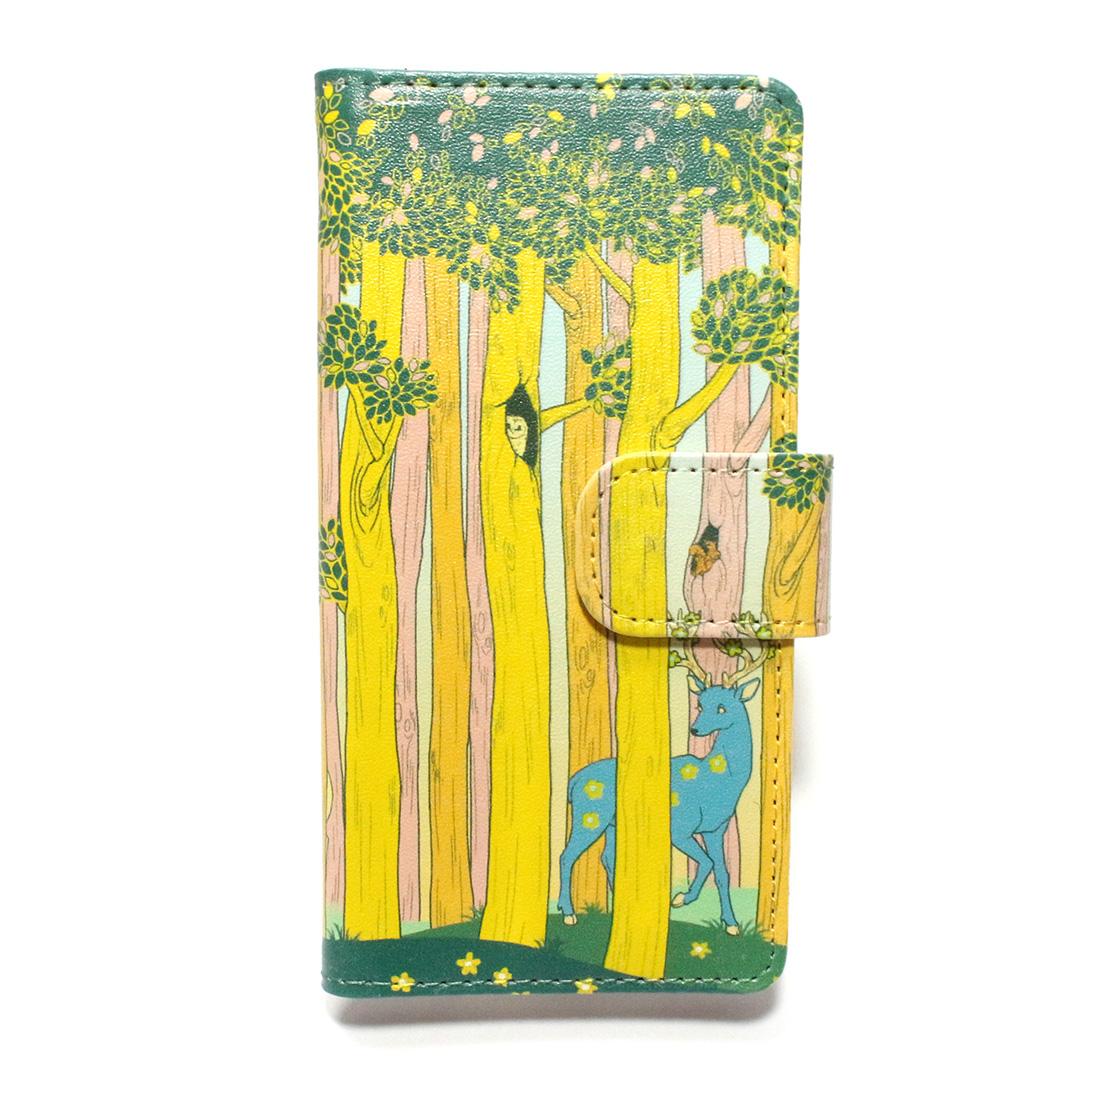 春の森 / スマートフォンケース(iPhone6,iPhone7,iPhone8兼用)